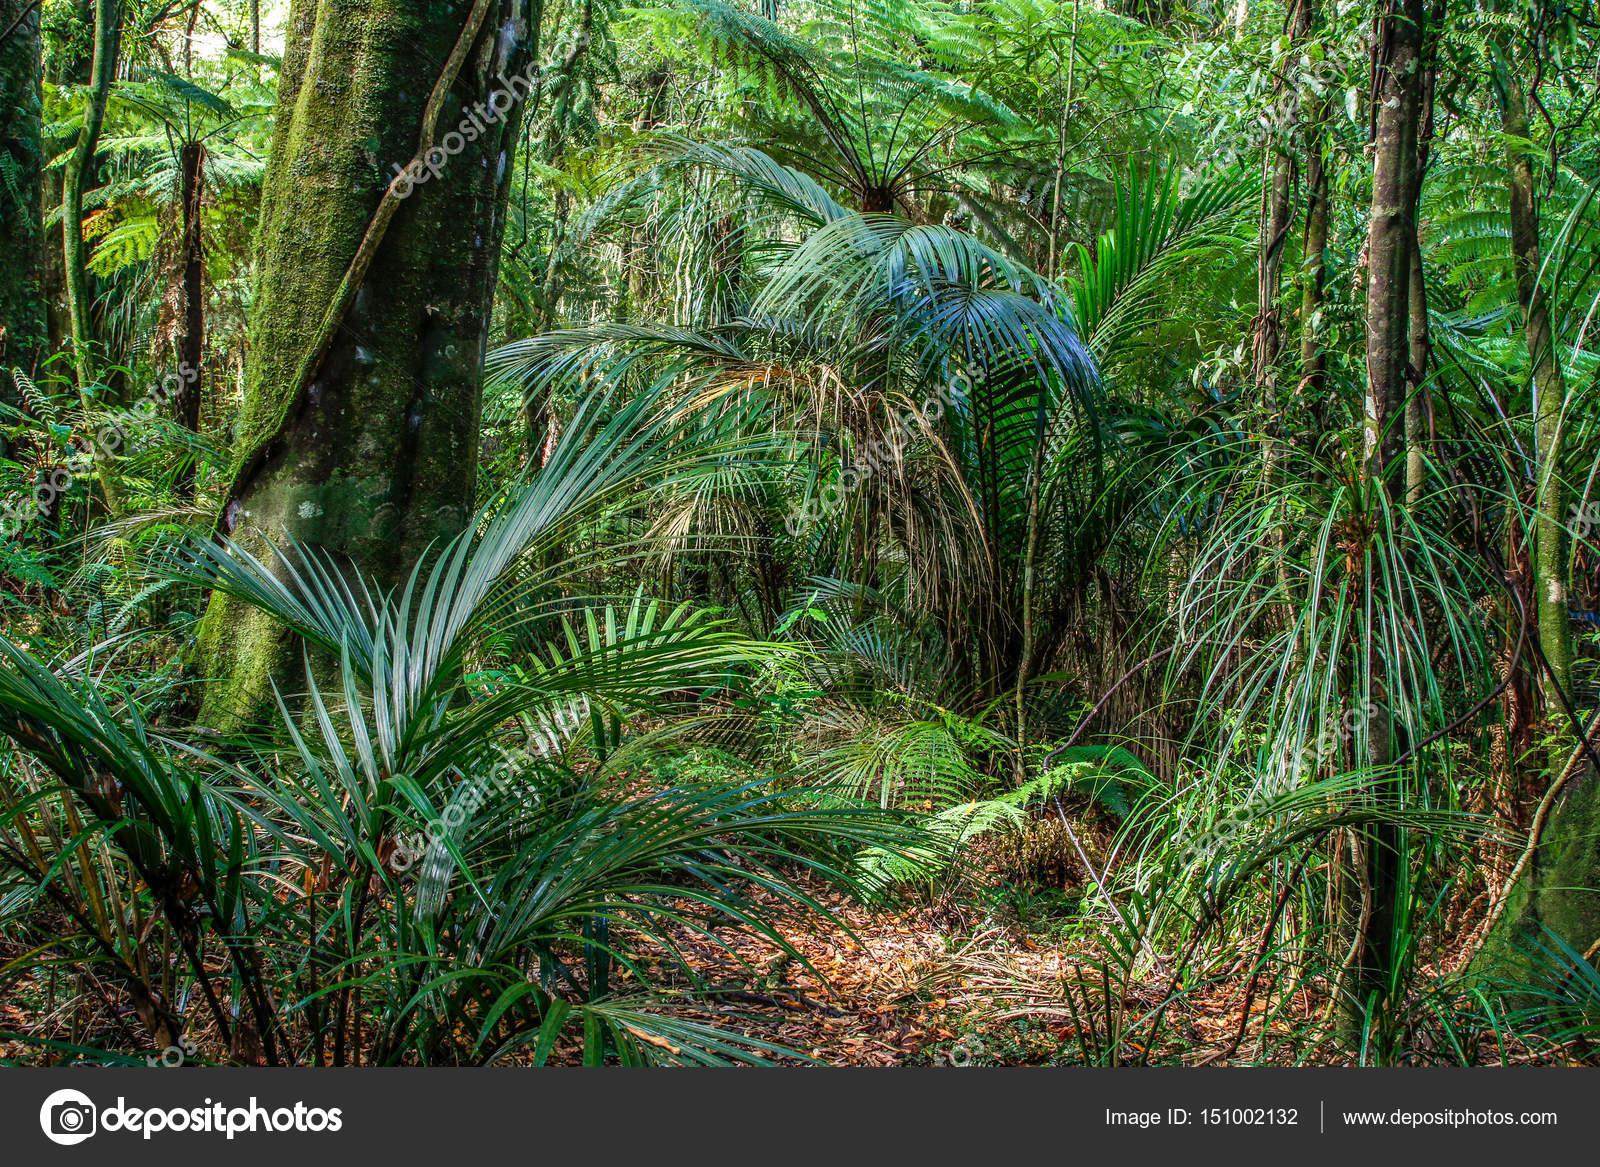 Деревья джунглей. Деревья и папоротники в